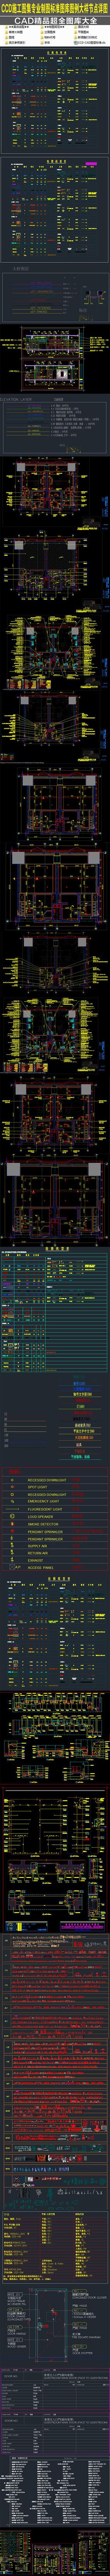 专业制图标准图库图例大样节点